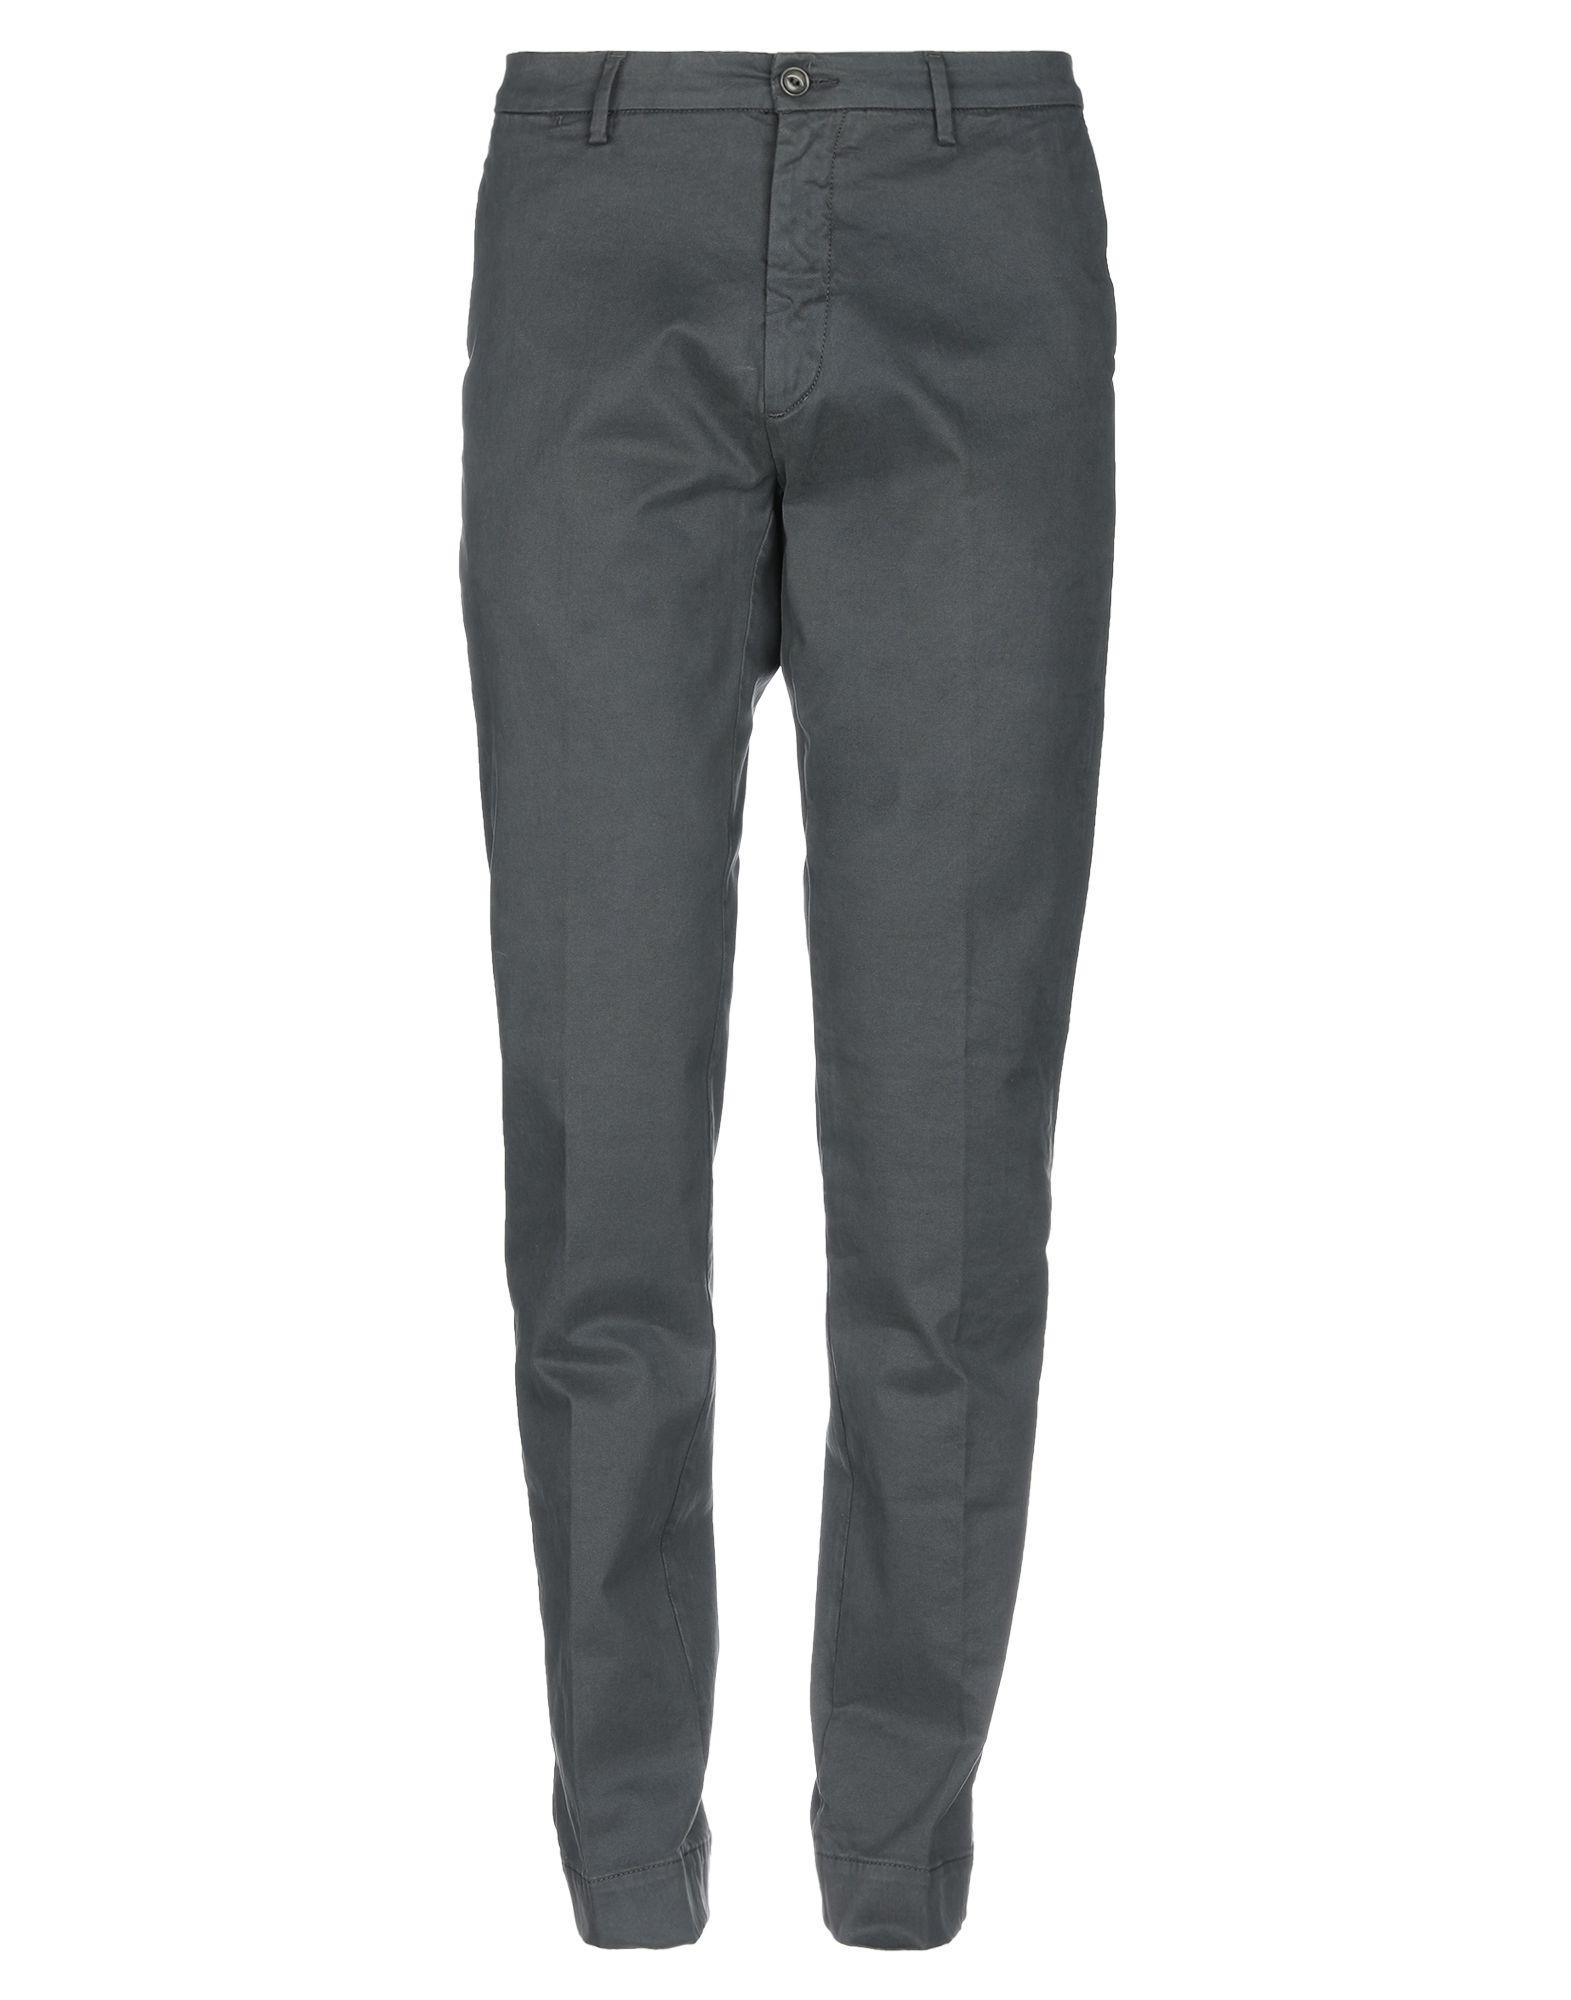 《期間限定セール開催中!》STRATEGIC BUSINESS UNIT メンズ パンツ 鉛色 54 コットン 98% / ポリウレタン? 2%